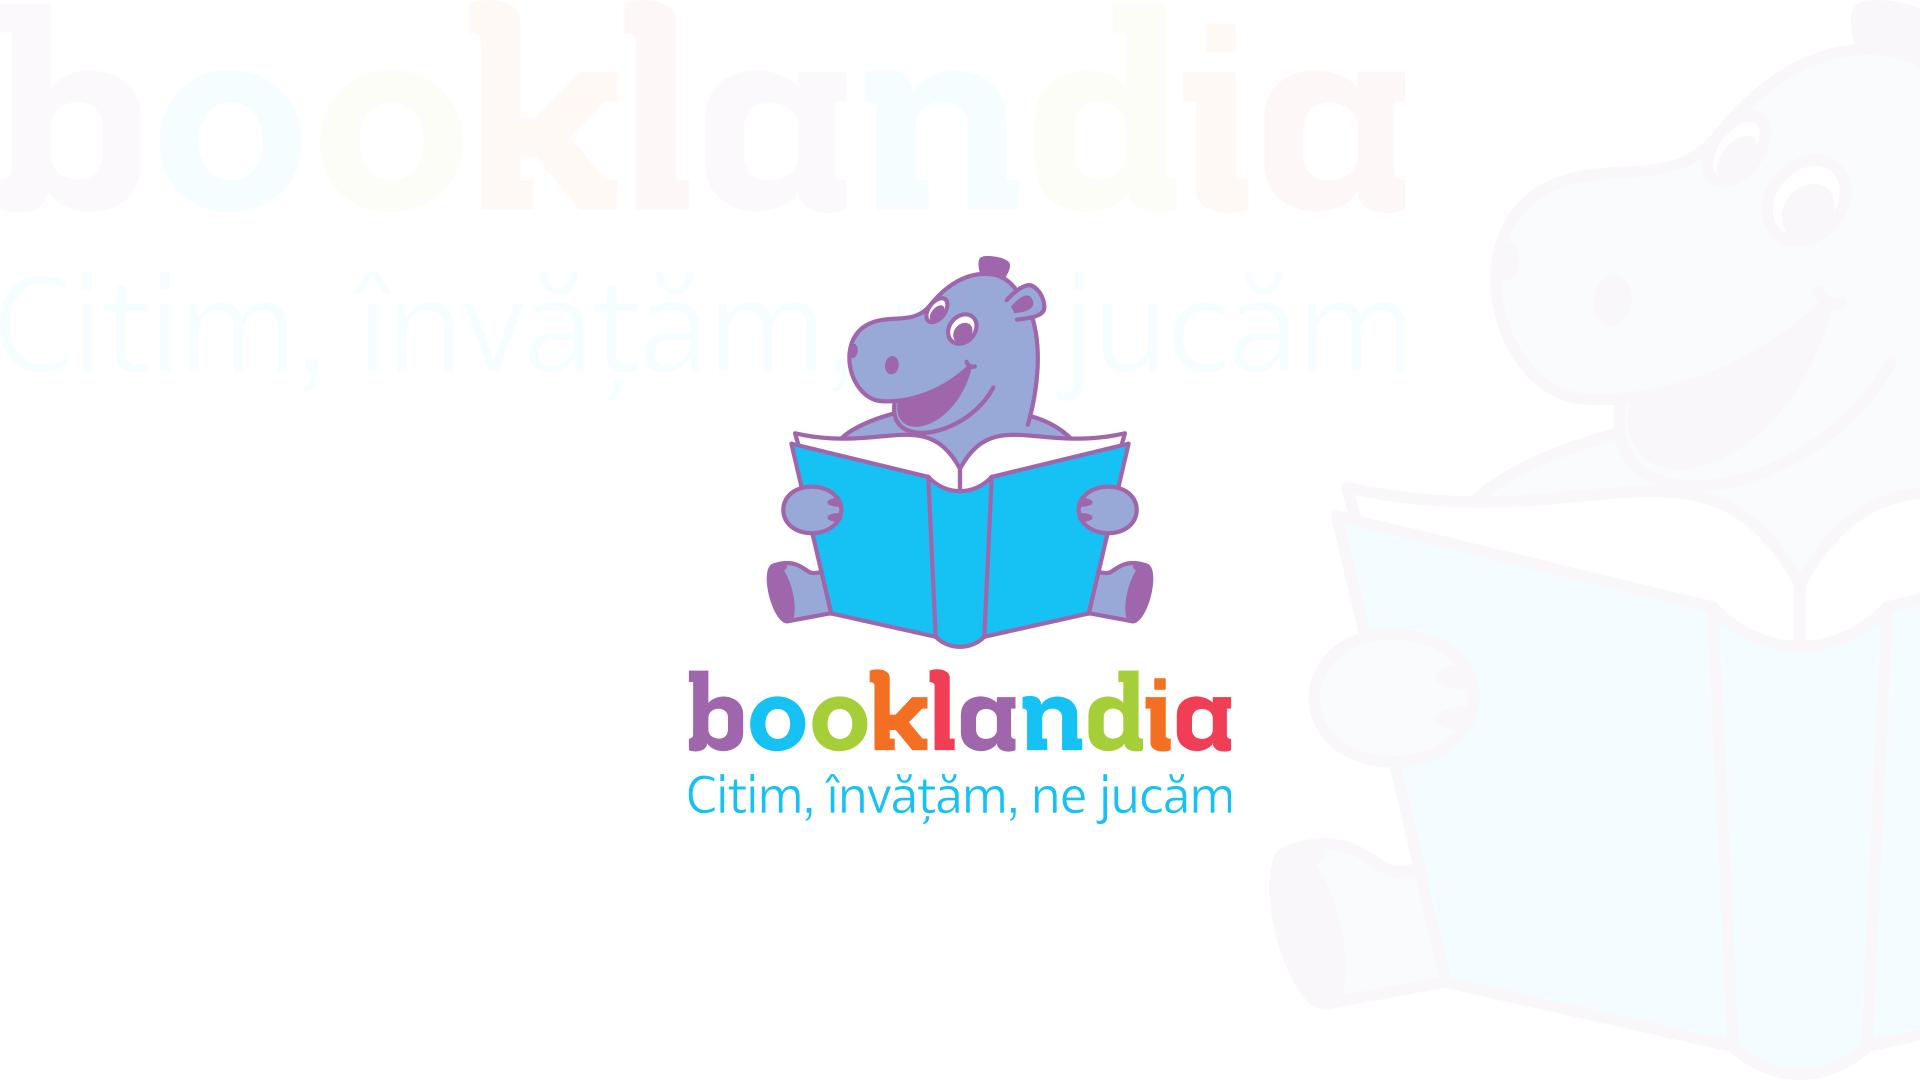 booklandia-identitate-vizuala-creare-logo